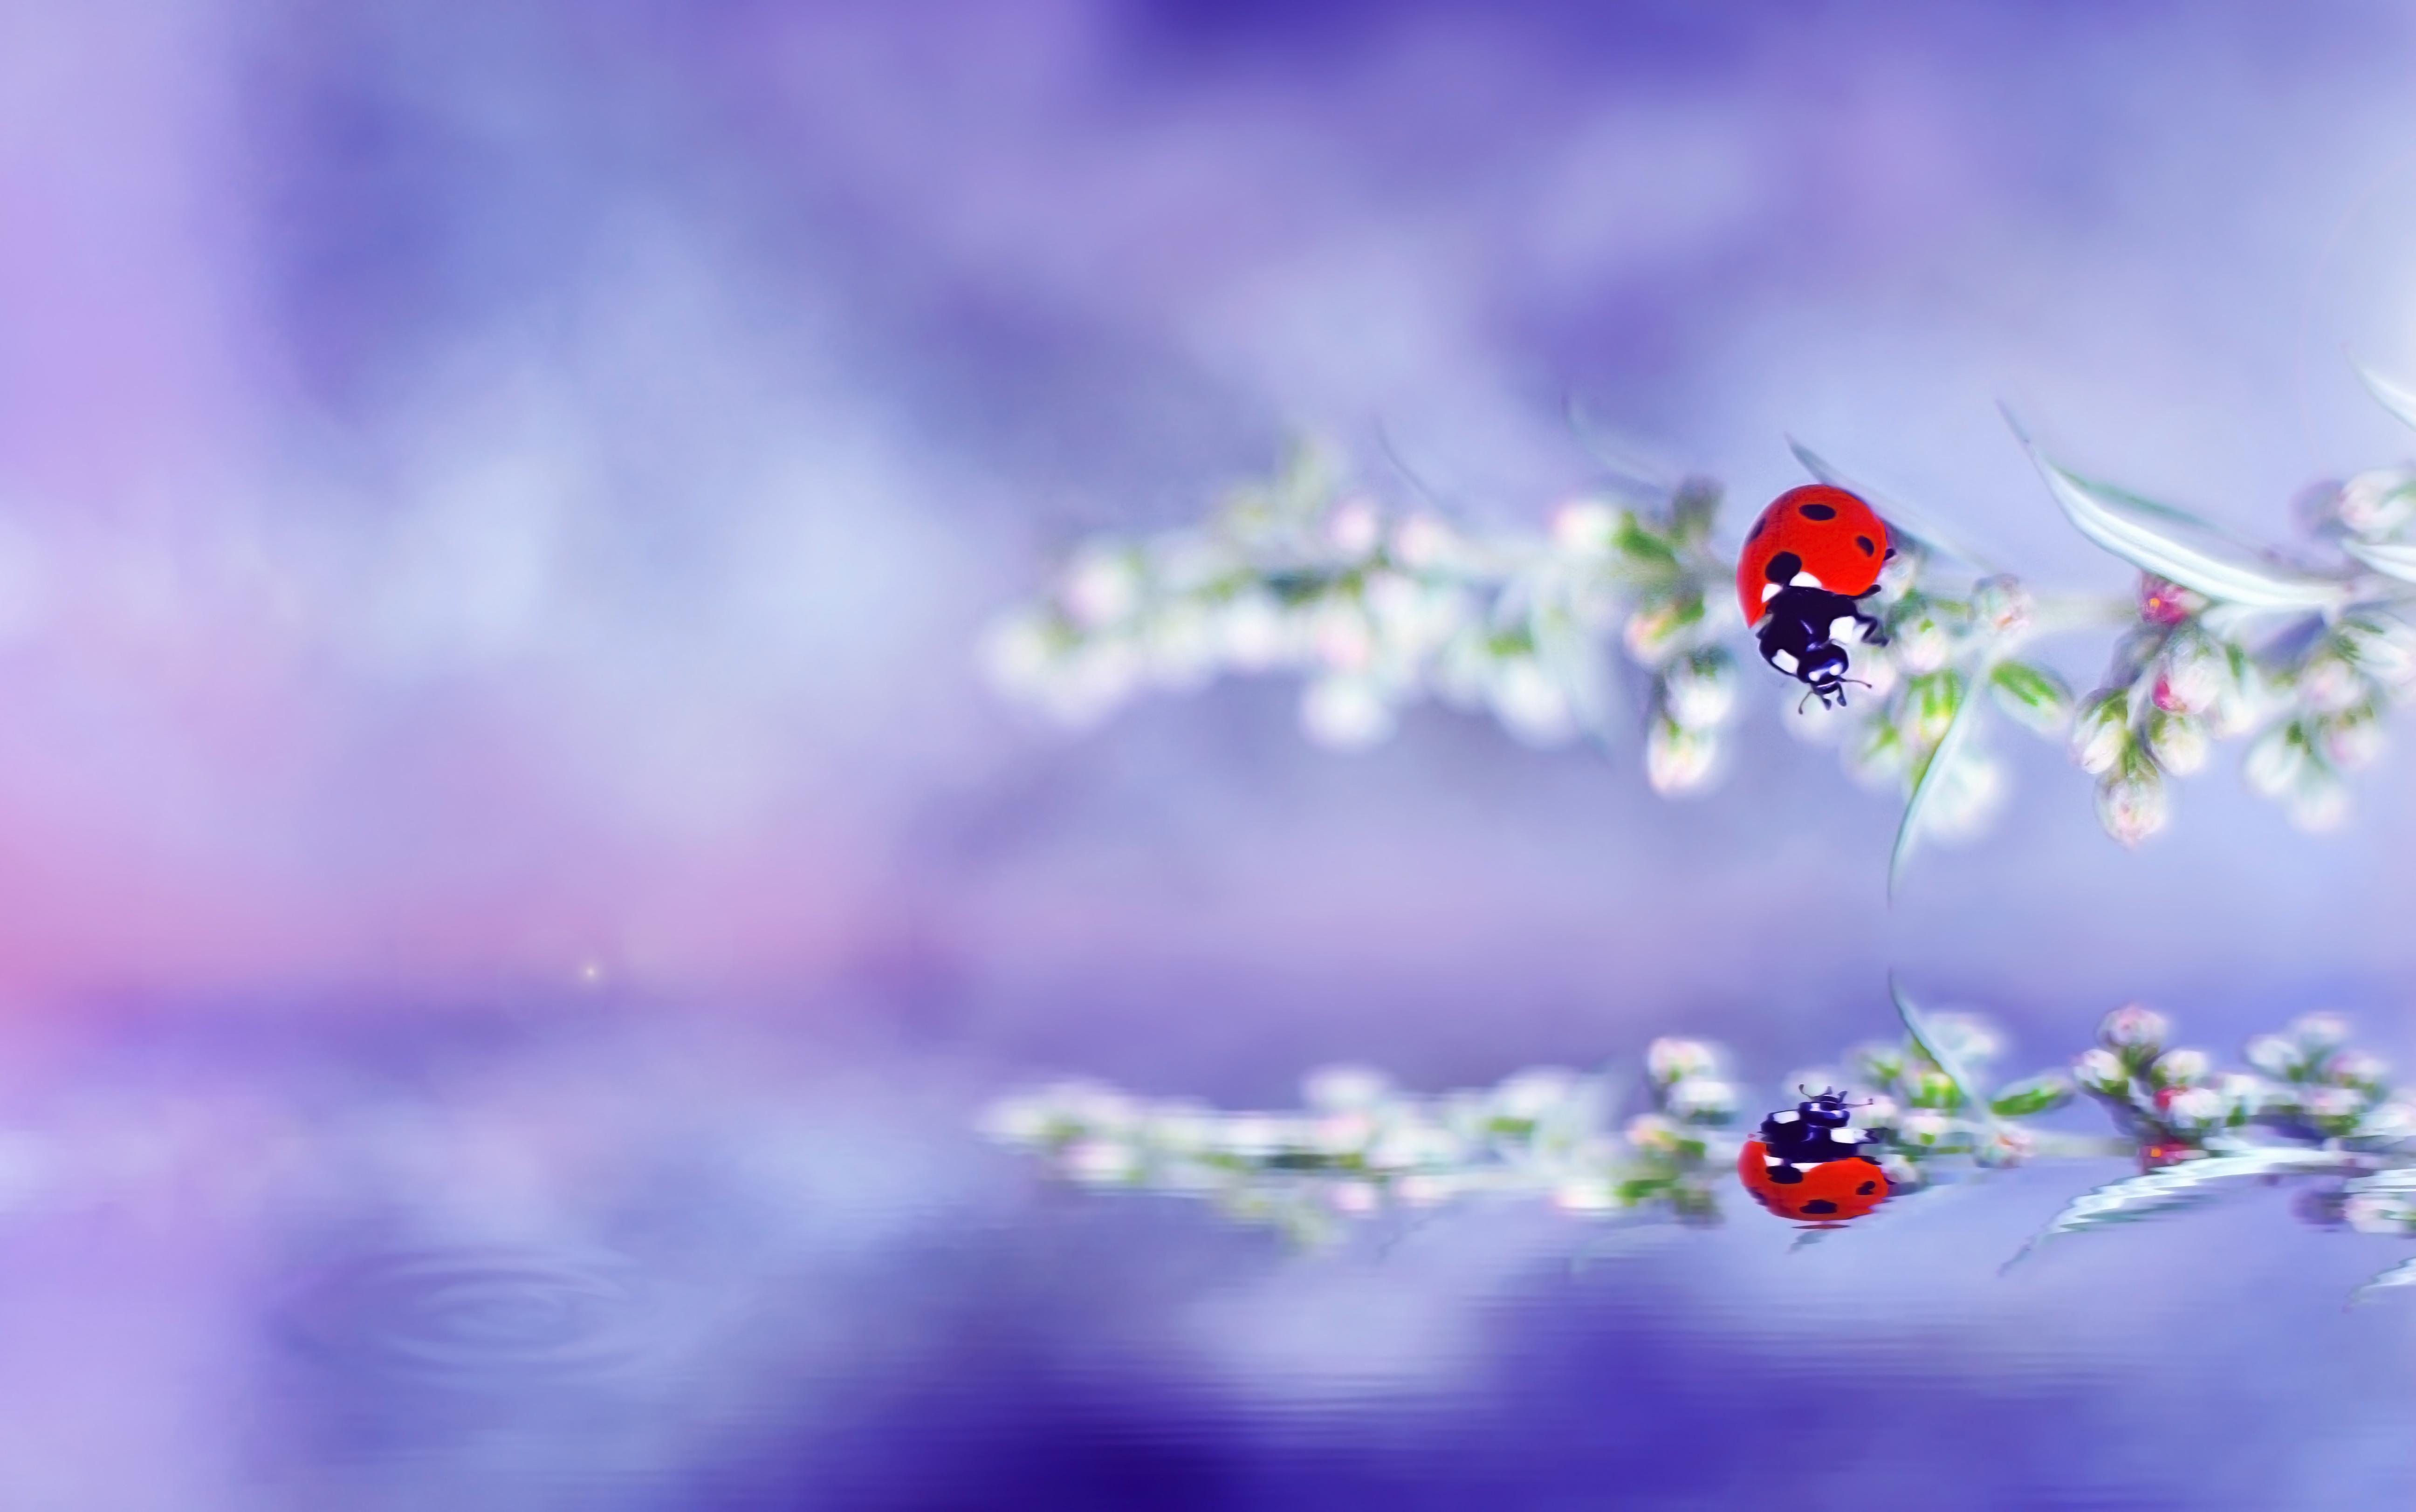 Fond d 39 cran for t beaut couleur fleur bleu for Miroir pc ecran